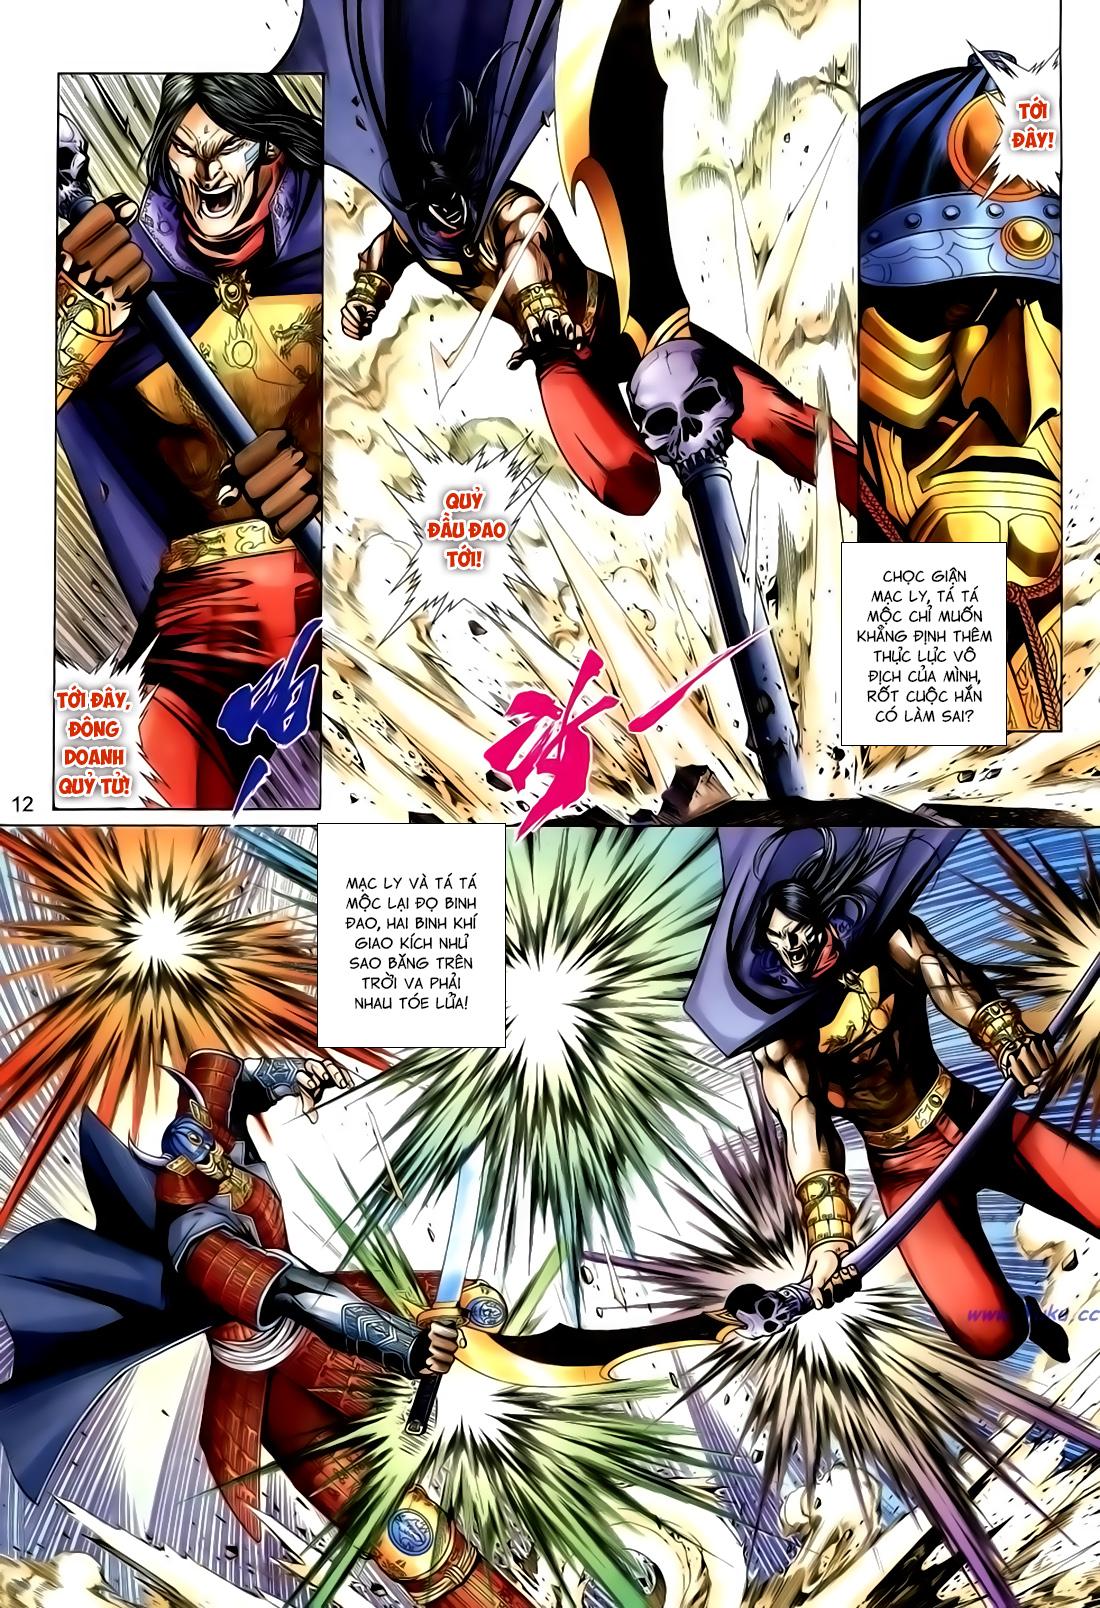 Anh Hùng Vô Lệ Chap 167 - Trang 12